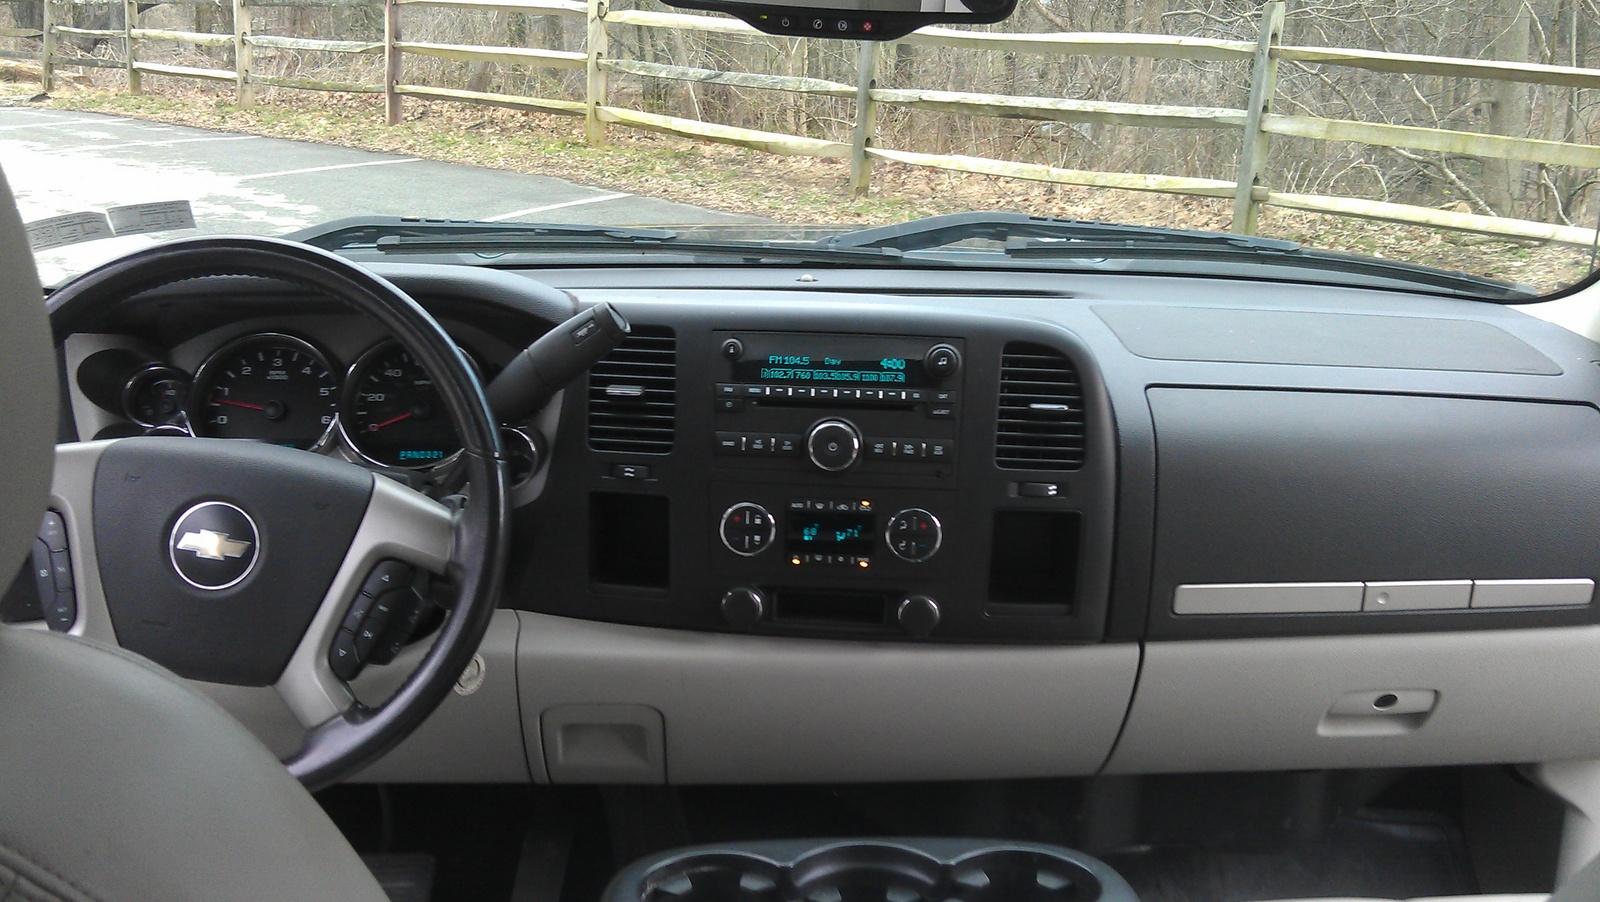 2012 Silverado Interior Html Autos Post